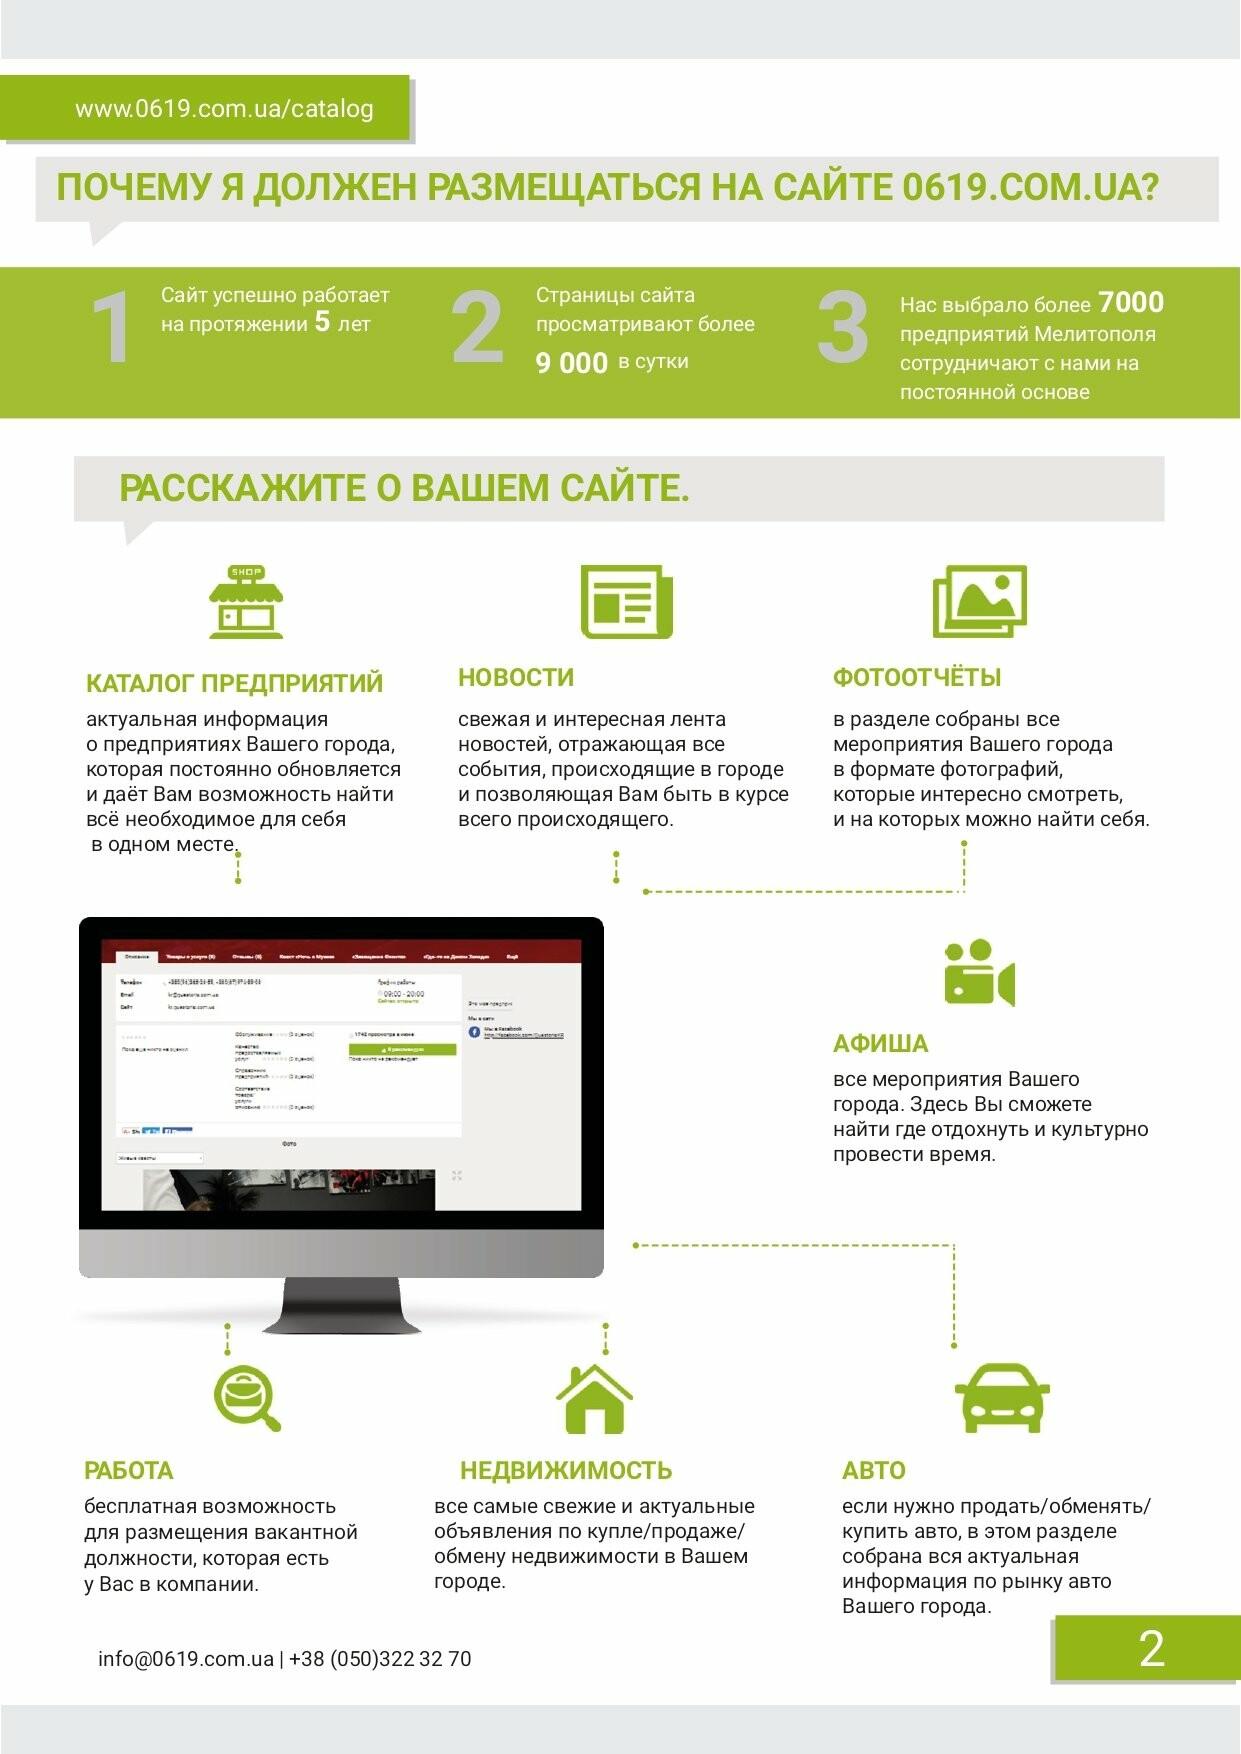 Выгодно и результативно: преимущества размещения товаров и услуг на сайте сети Сity Sites, фото-2